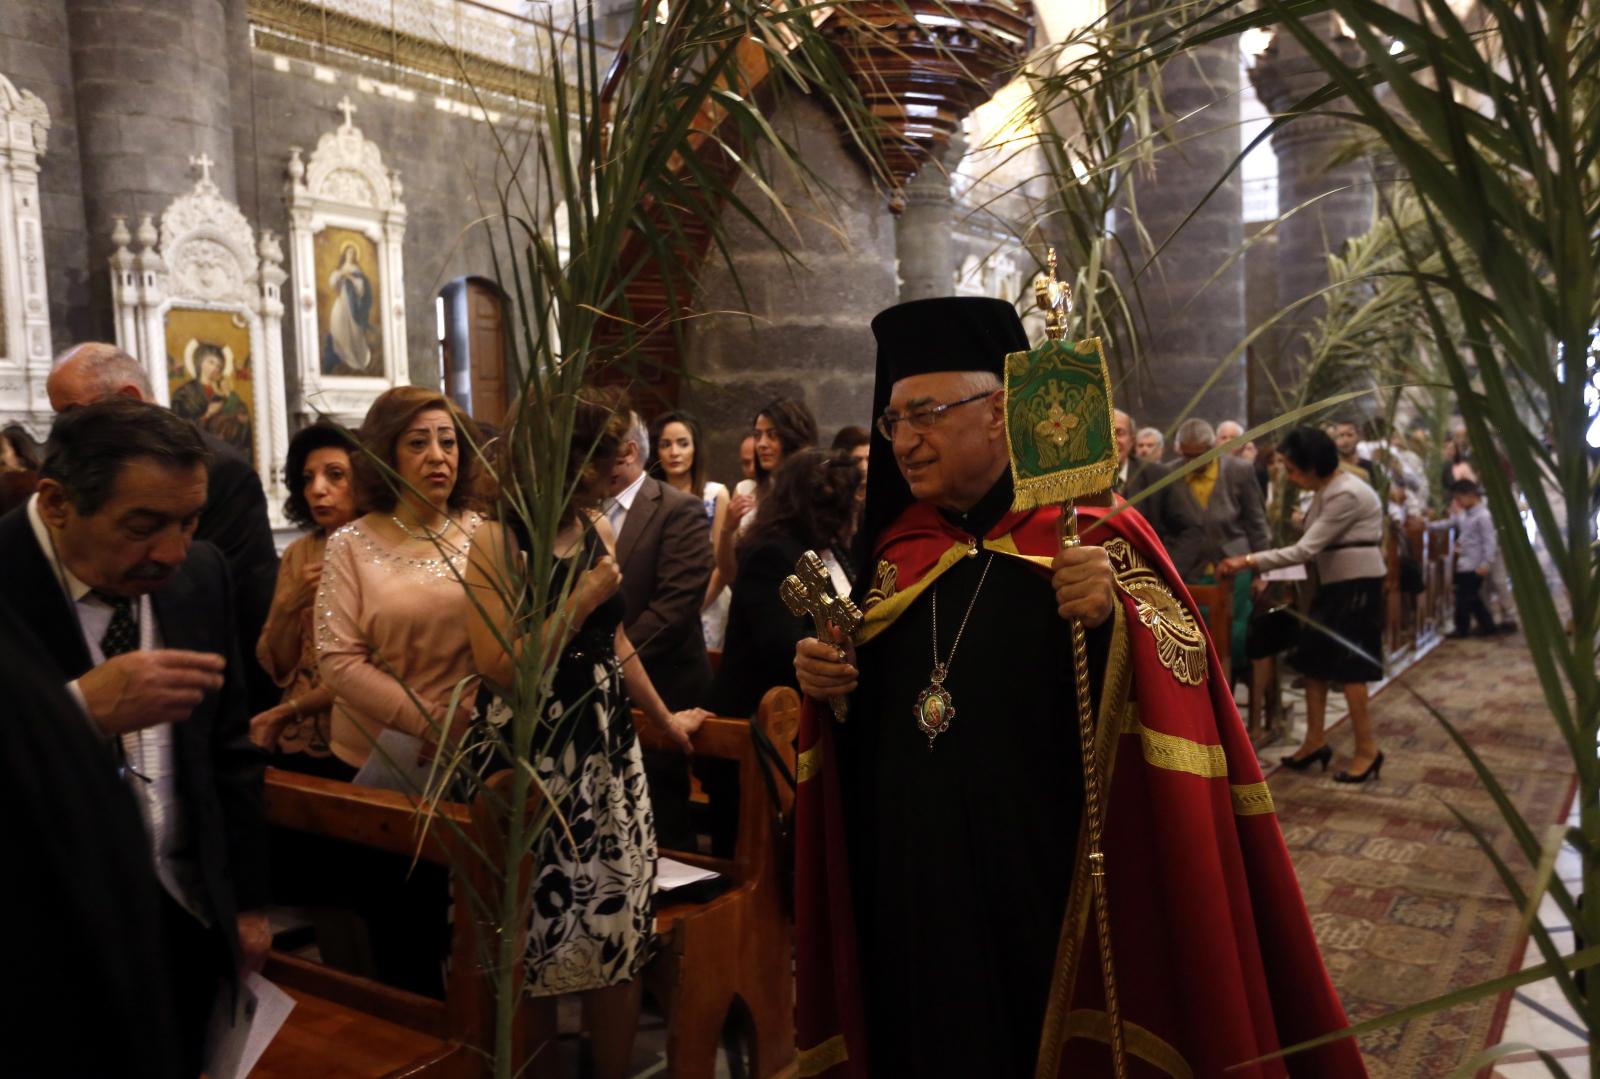 Niedziela Palmowa w Damaszku/ EPA/YOUSSEF BADAWI